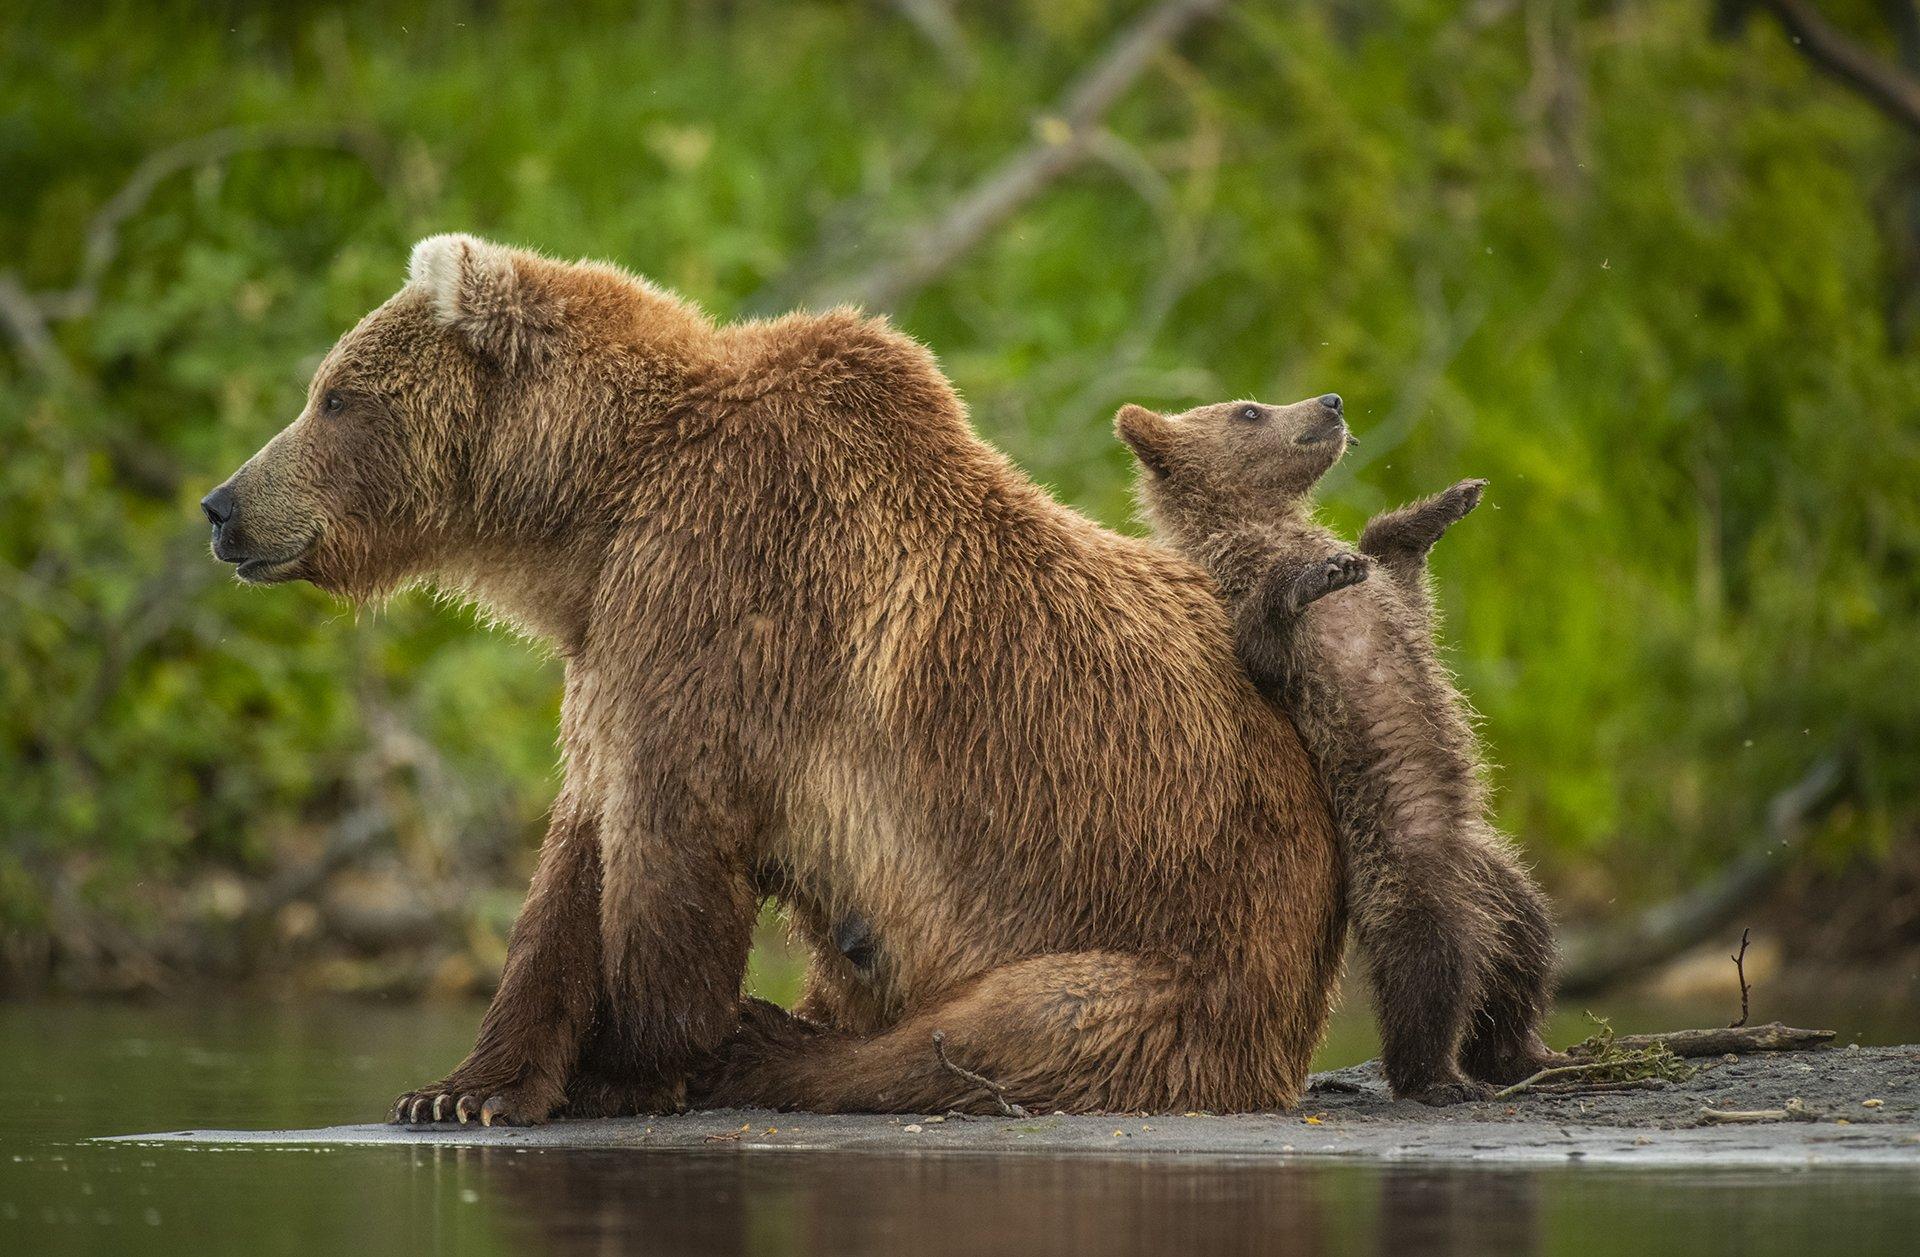 엄마불곰에 기대 서 있는 아기불곰. 러시아에서 포착됐다. [©Andy Parkinson/Comedywildlifephoto.com]